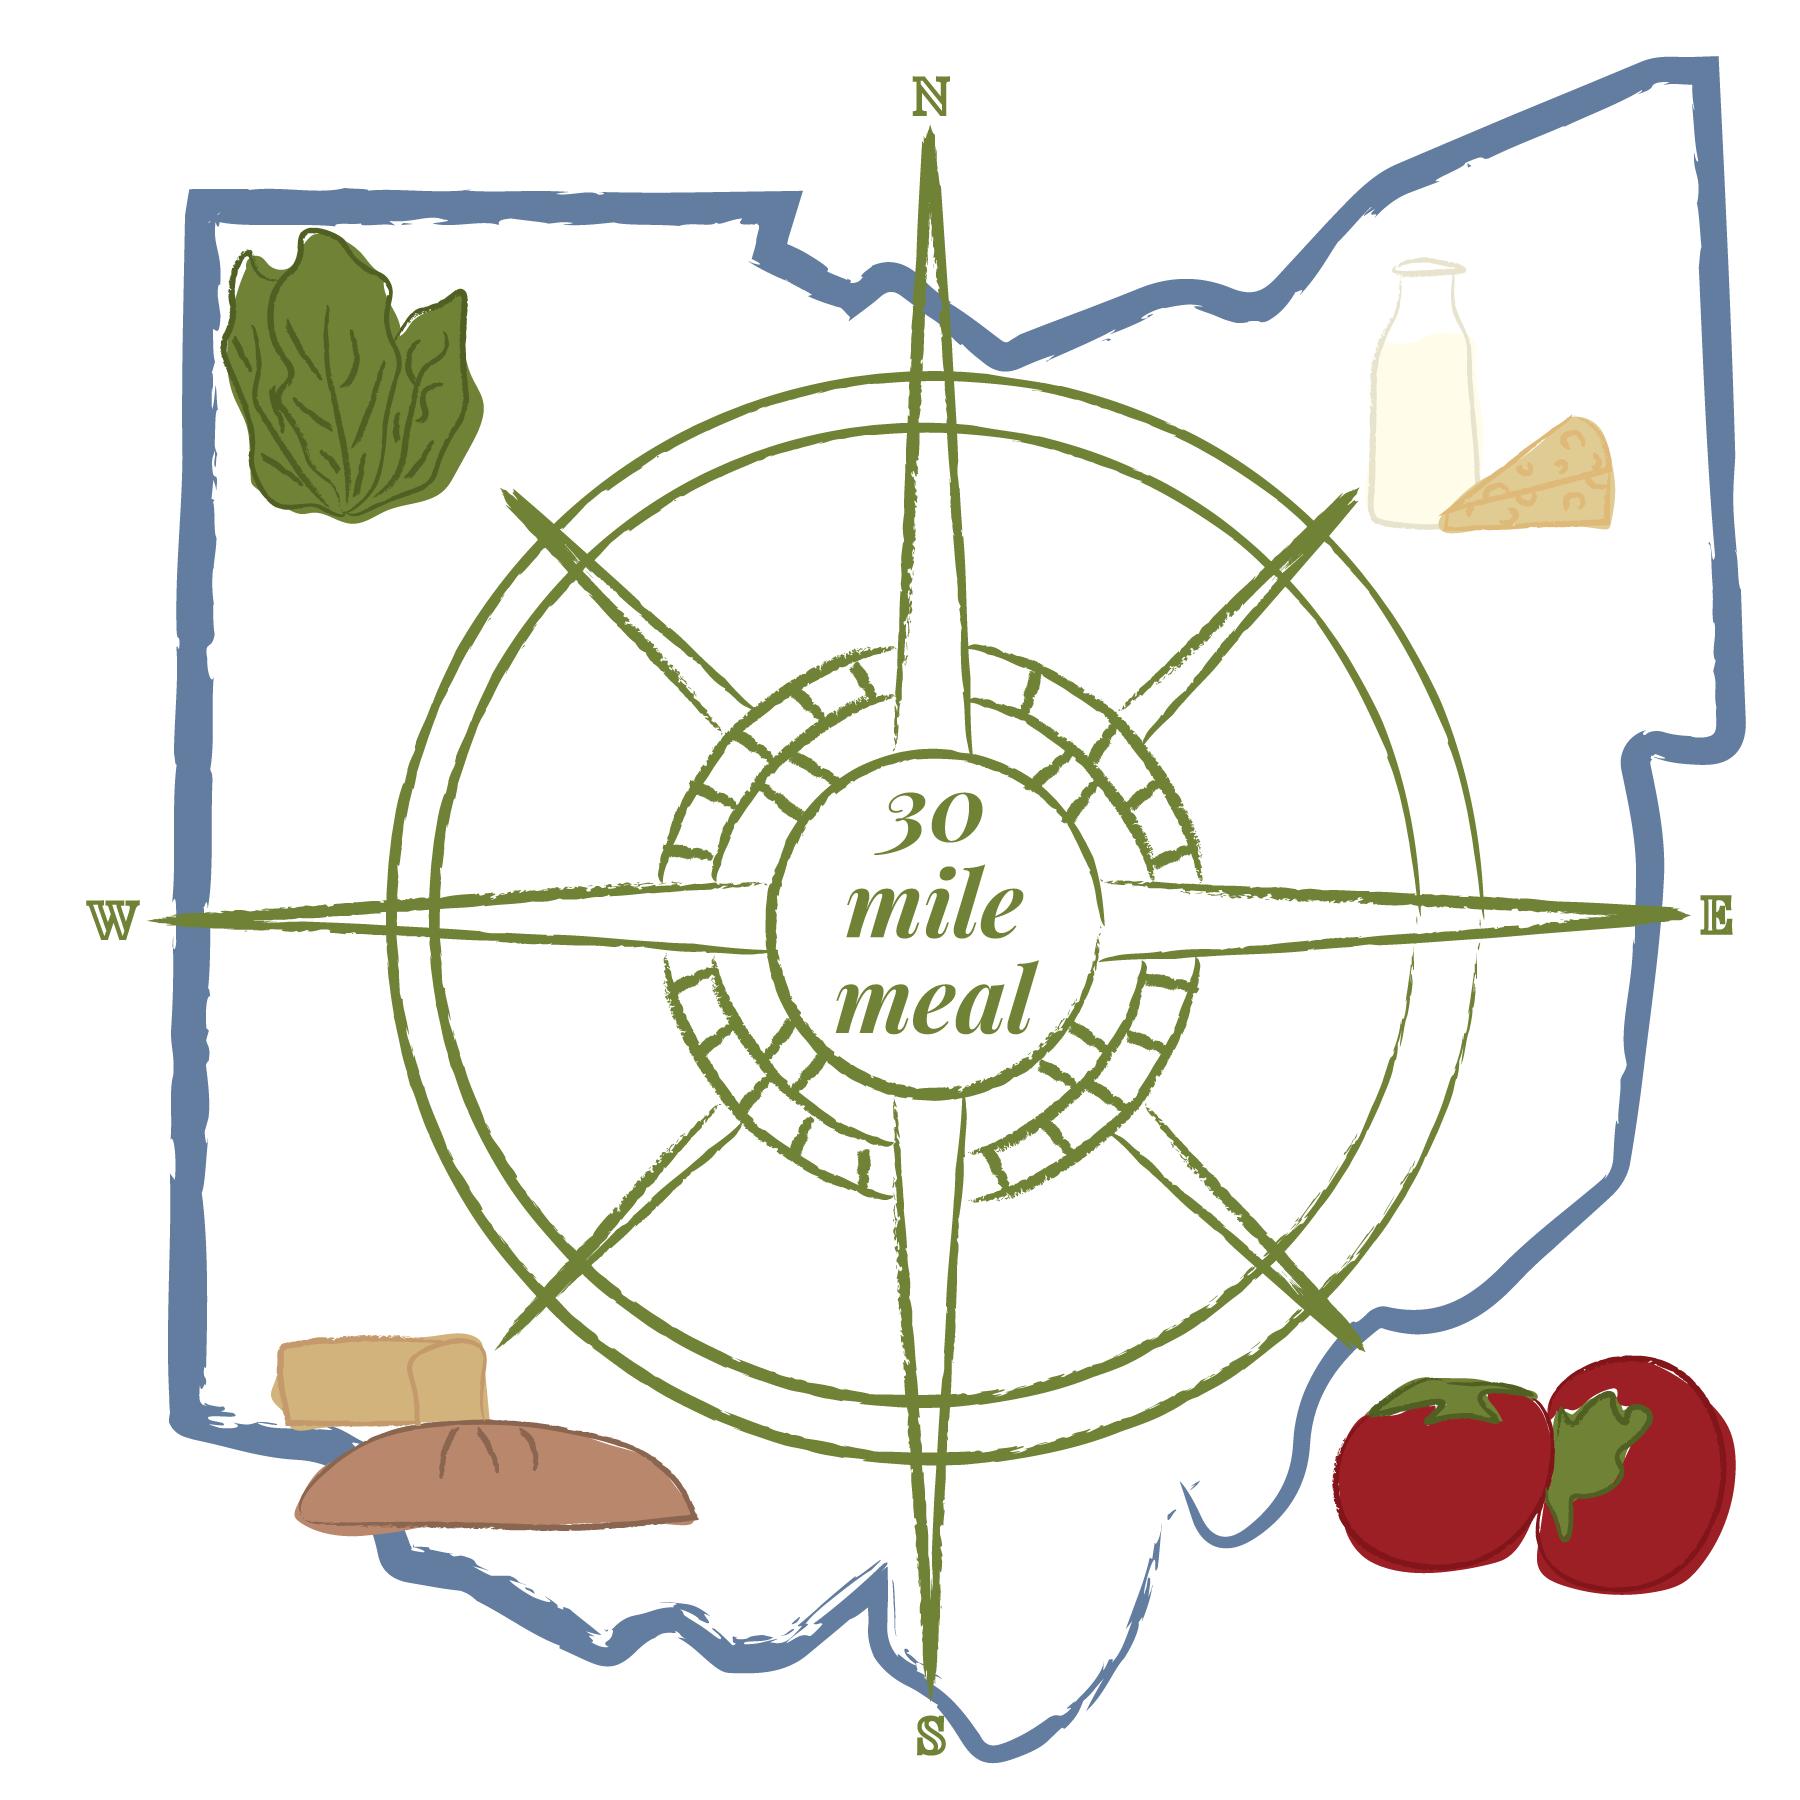 30 mile meal ohio illustration